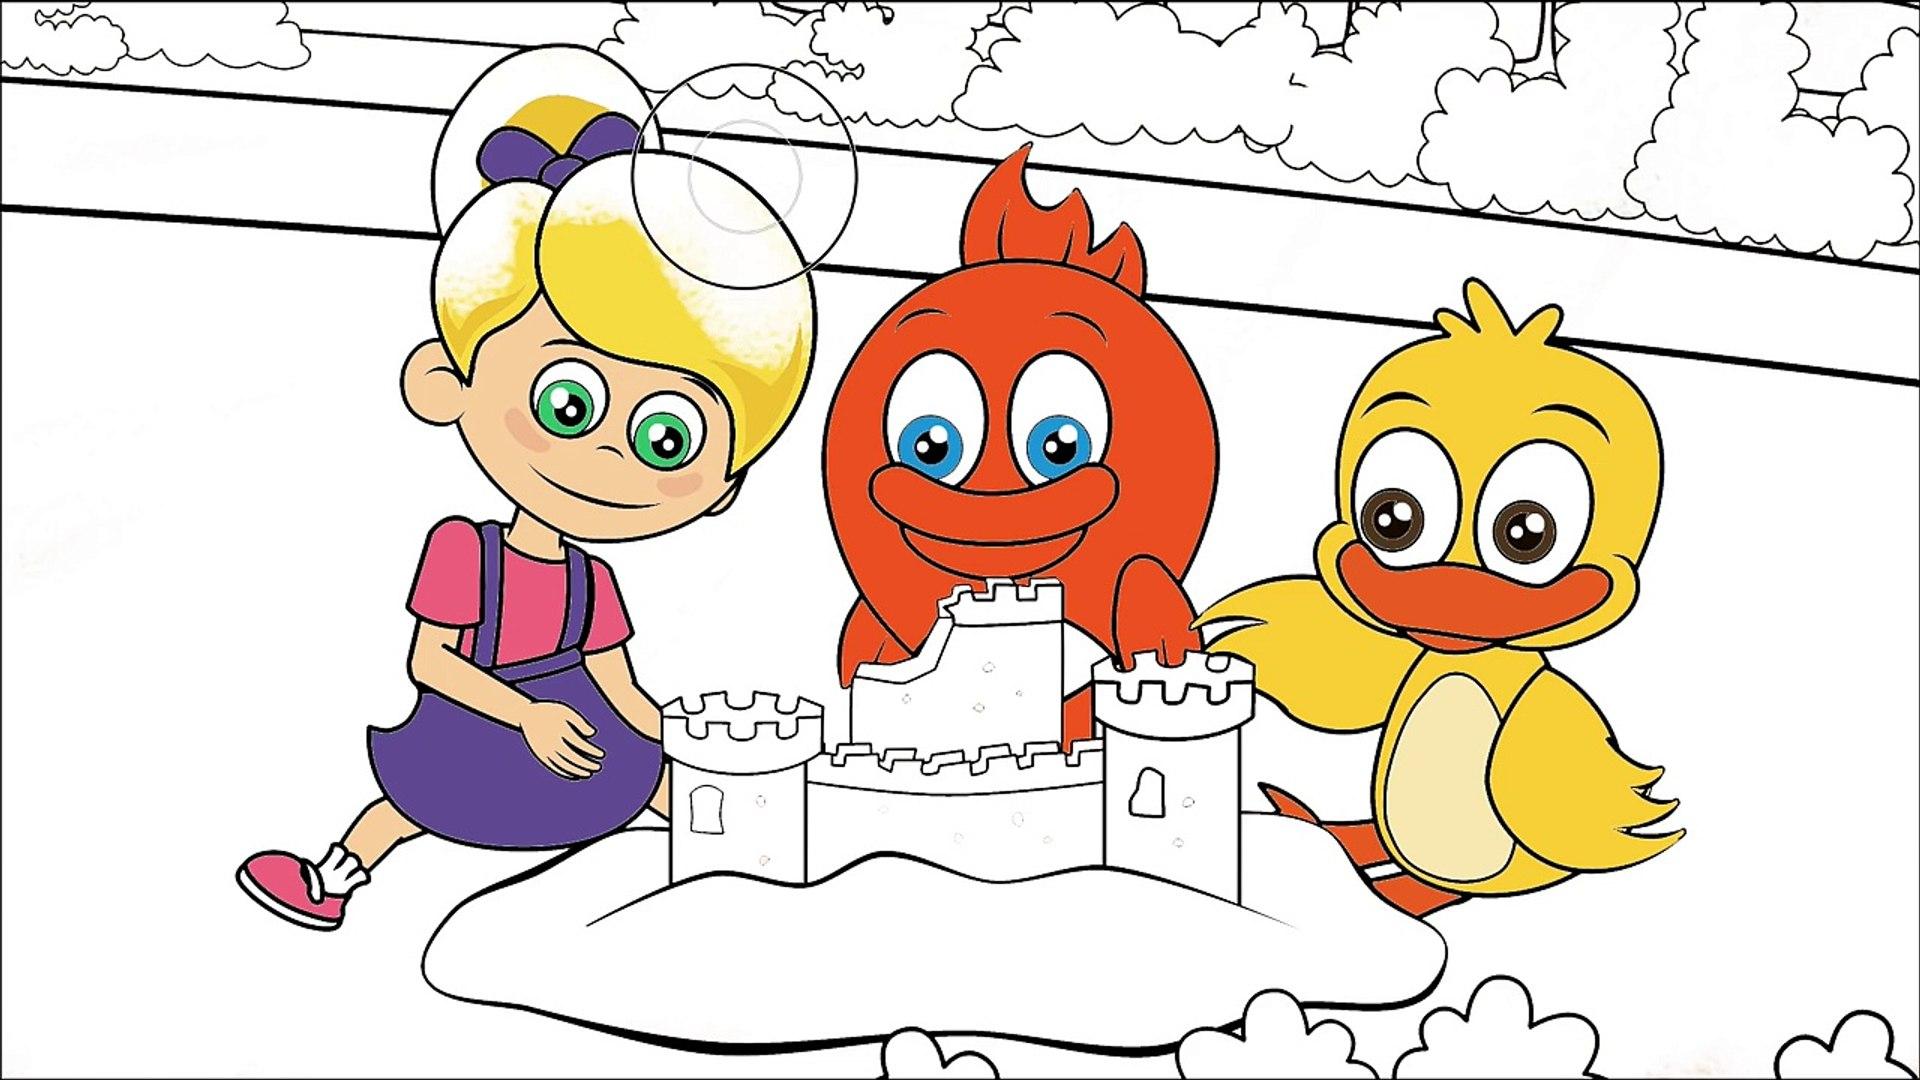 Sevimli Dostlar çizgi film karakter boyama sayfası 6,Çizgi film izle animasyon 2017